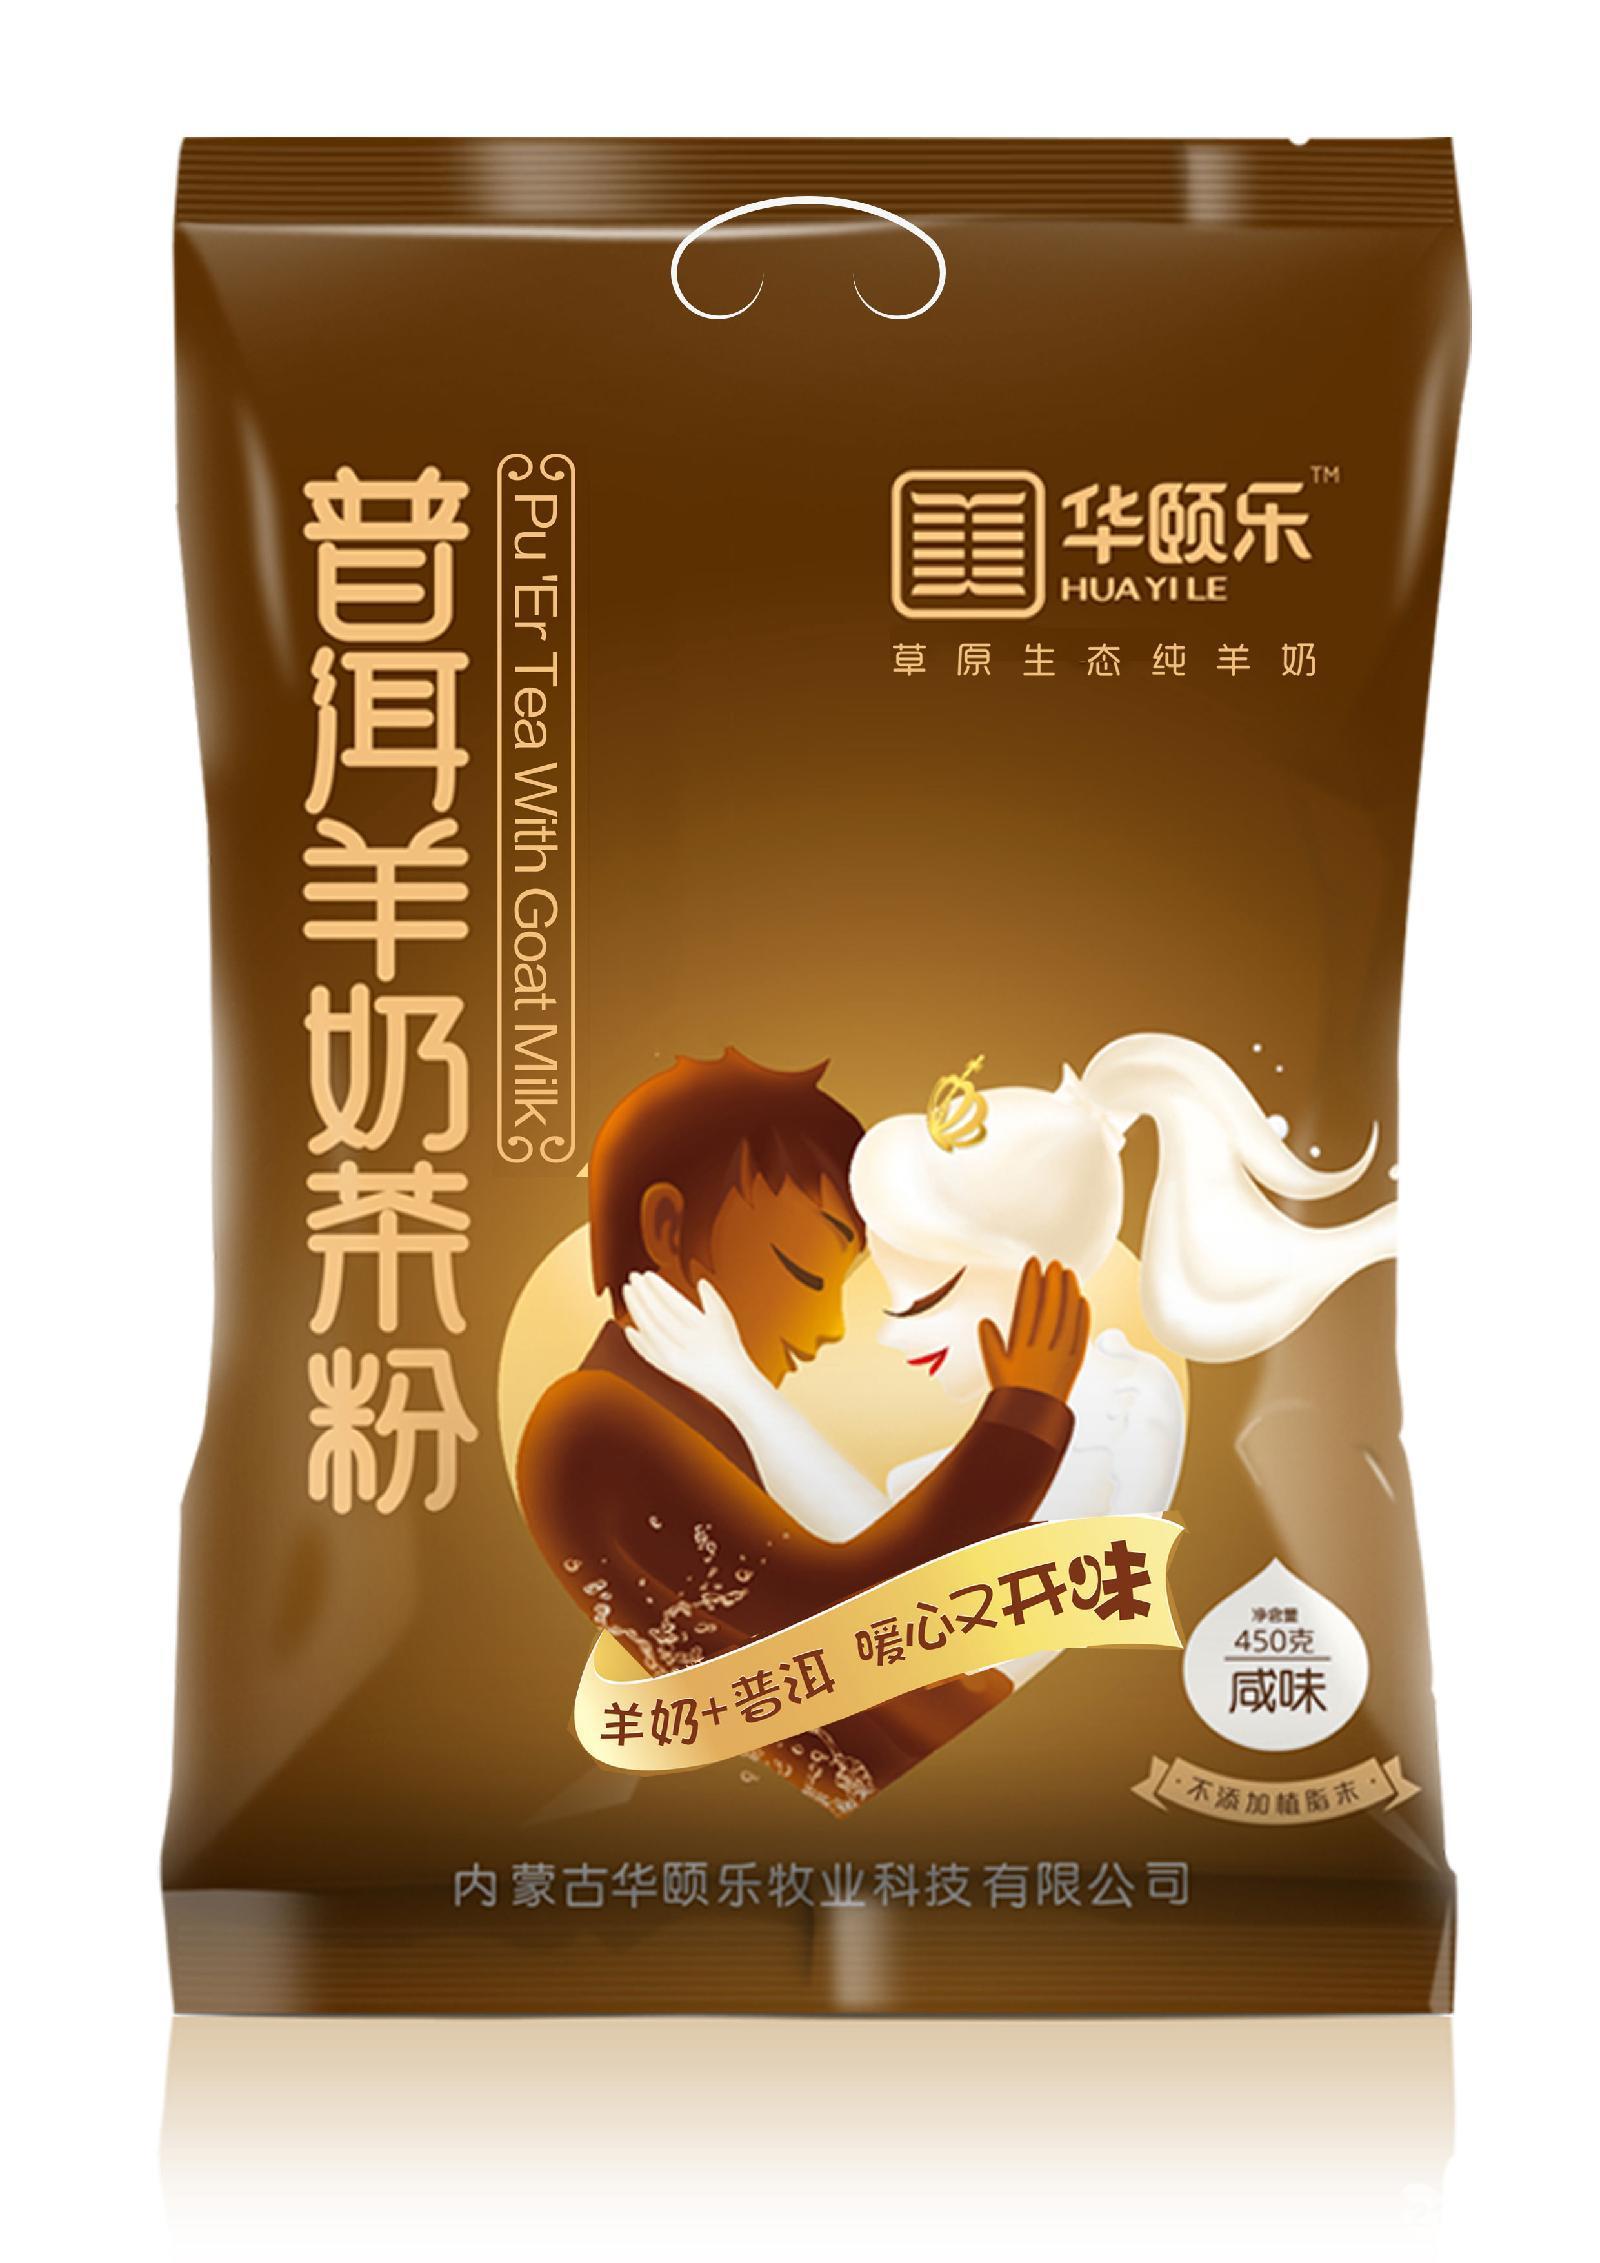 华颐乐普洱羊奶茶粉